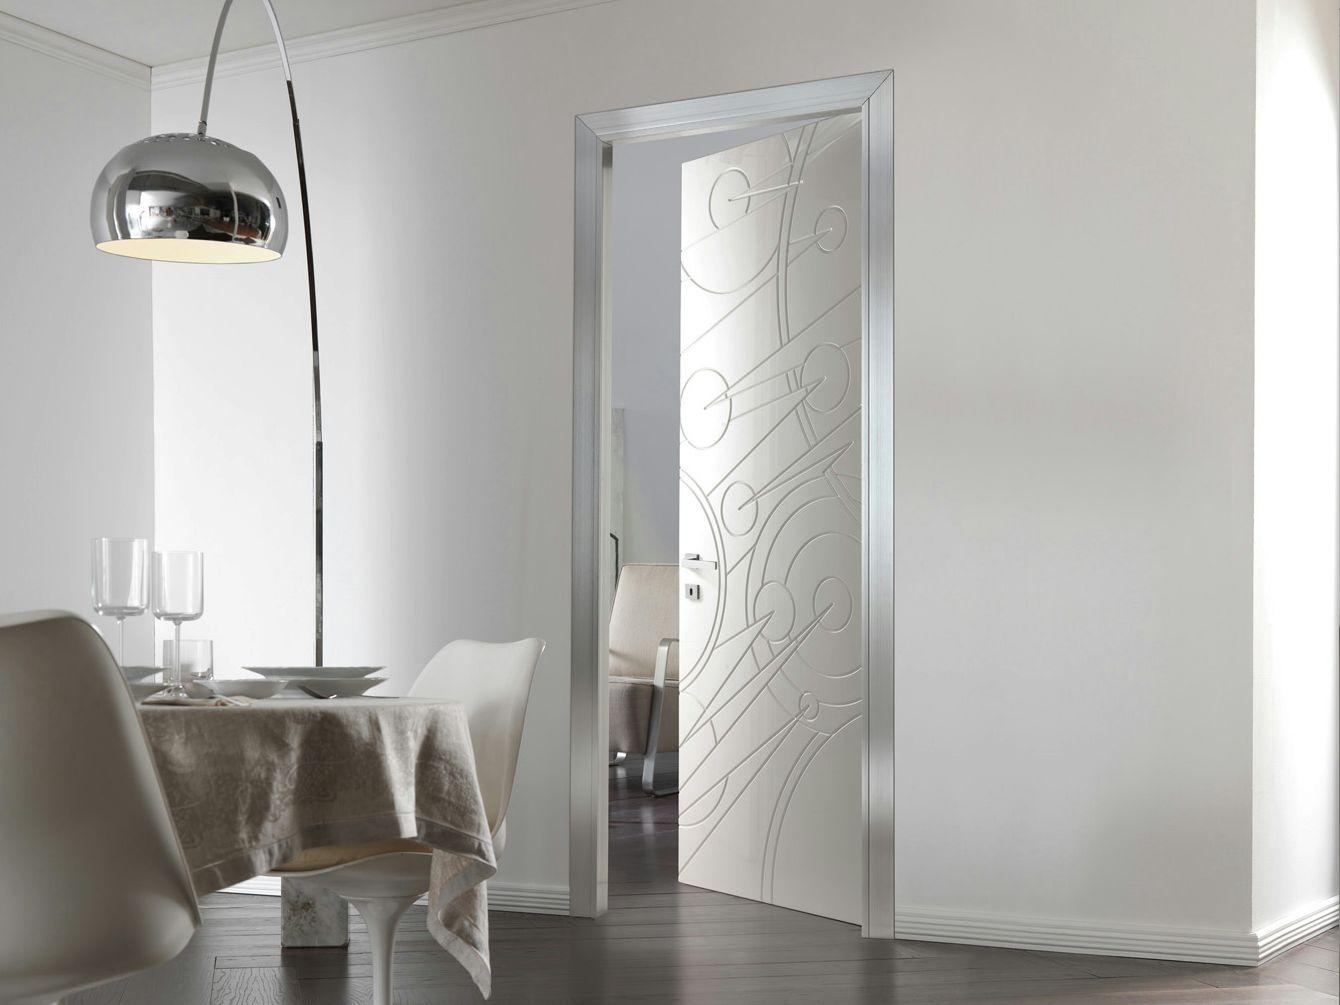 Costellazioni by bertolotto porte design r d bertolotto - Laccatura porte interne ...